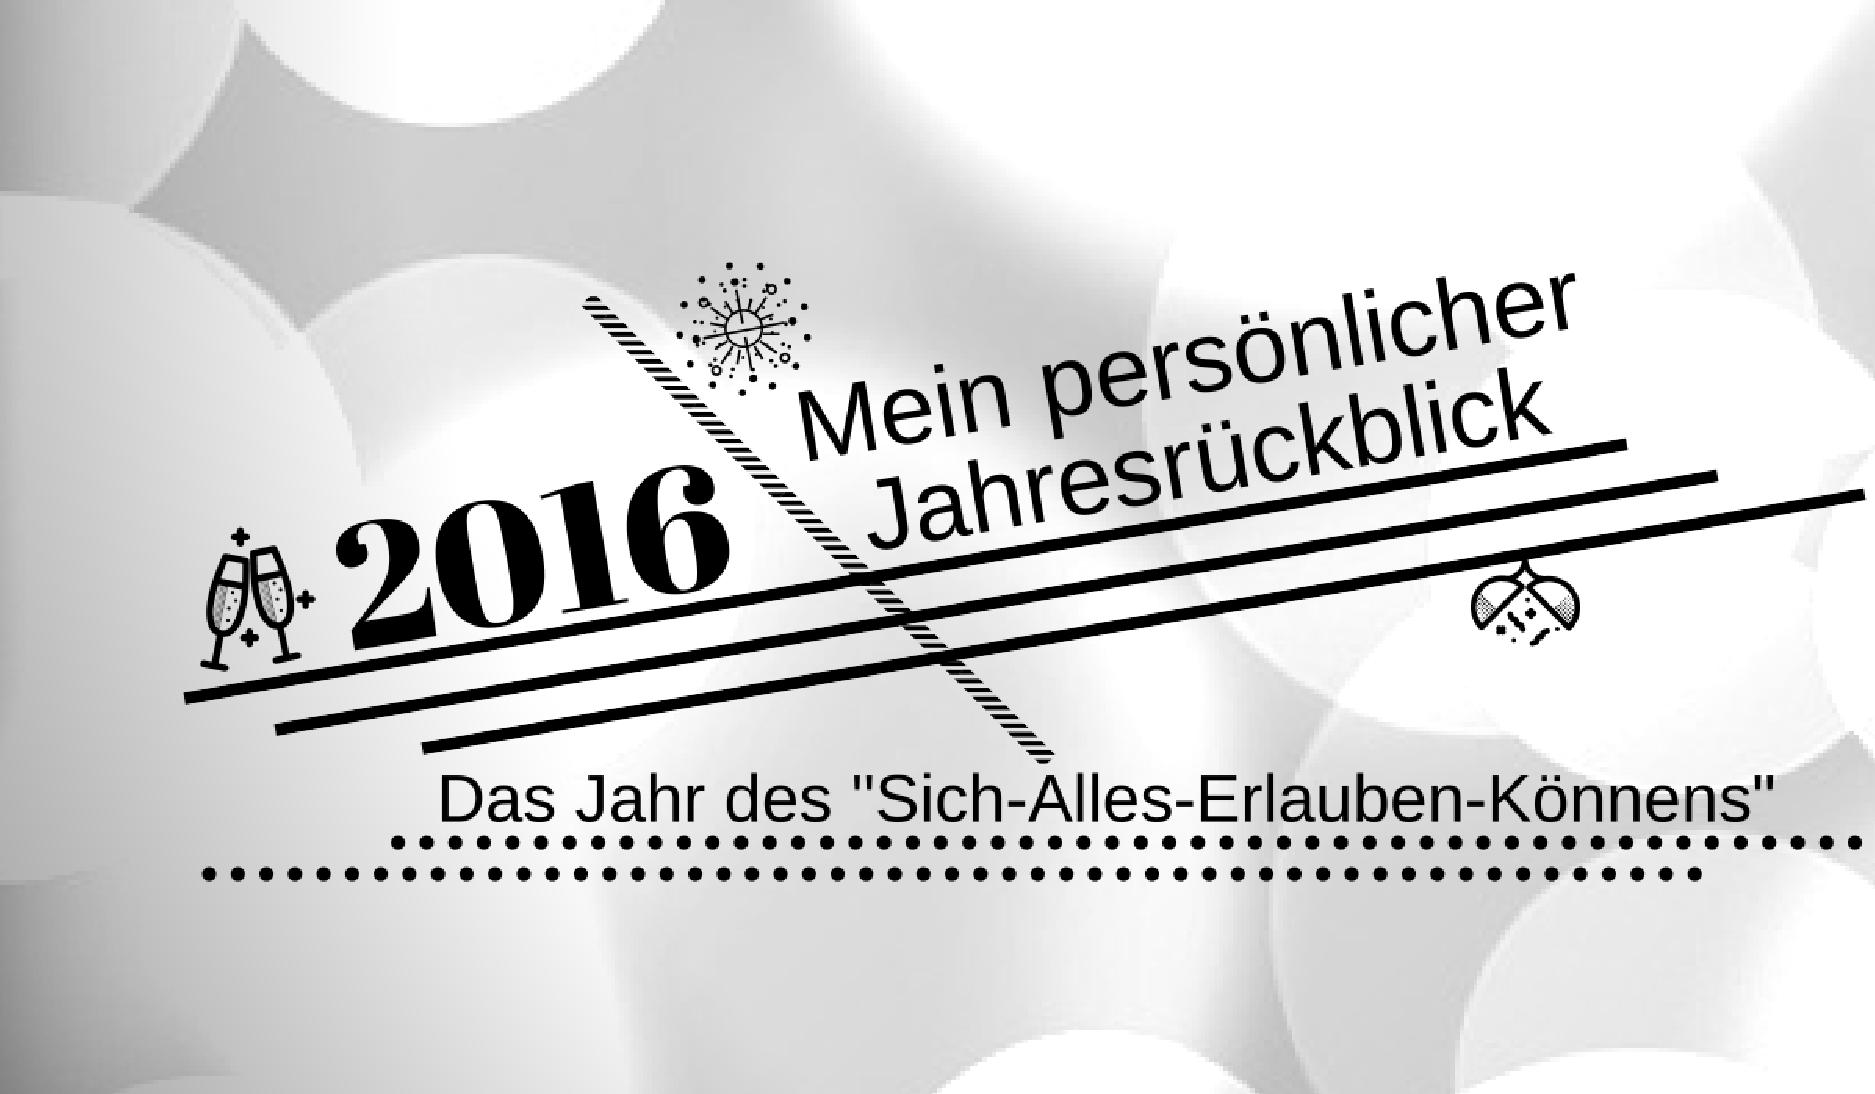 Introbild - Jahresrückblick 2016